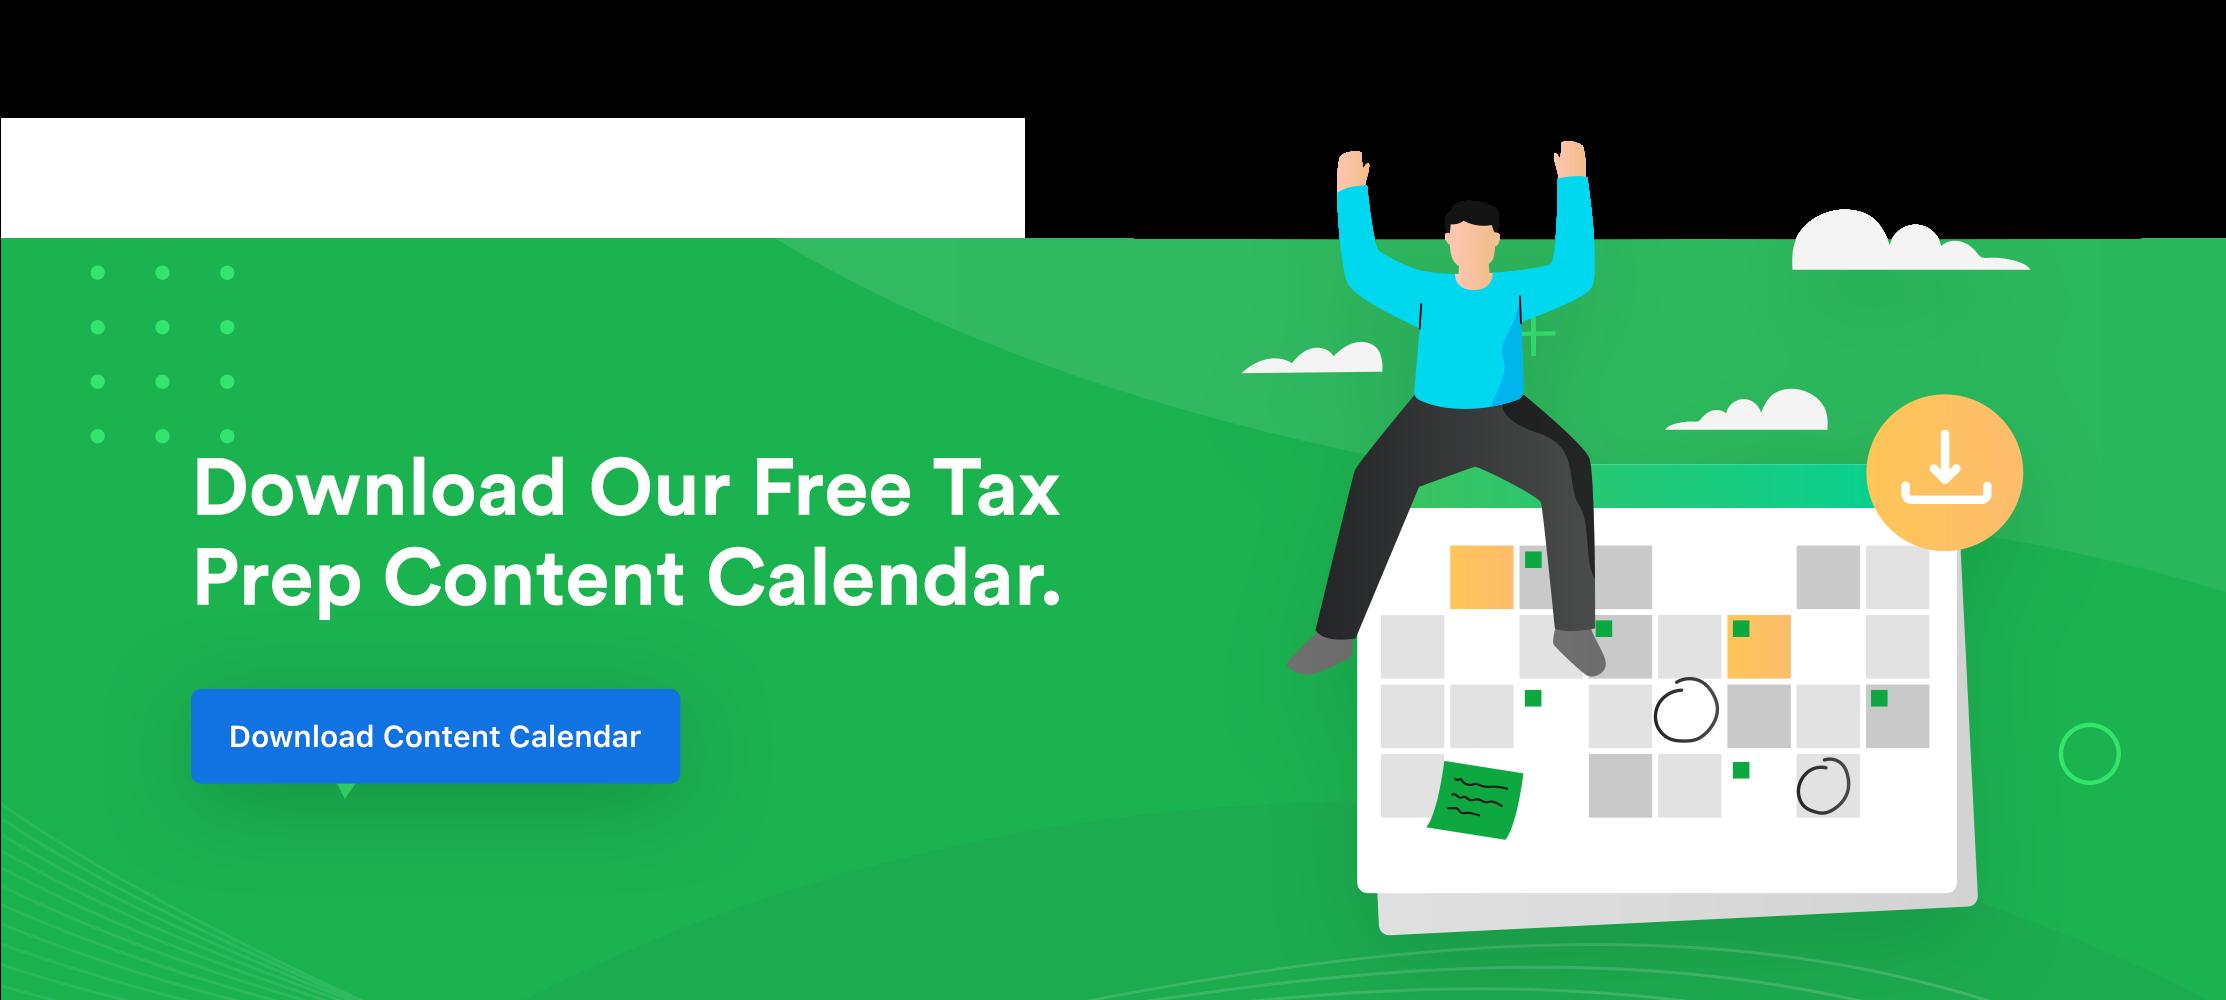 Tax Content Calendar Banner